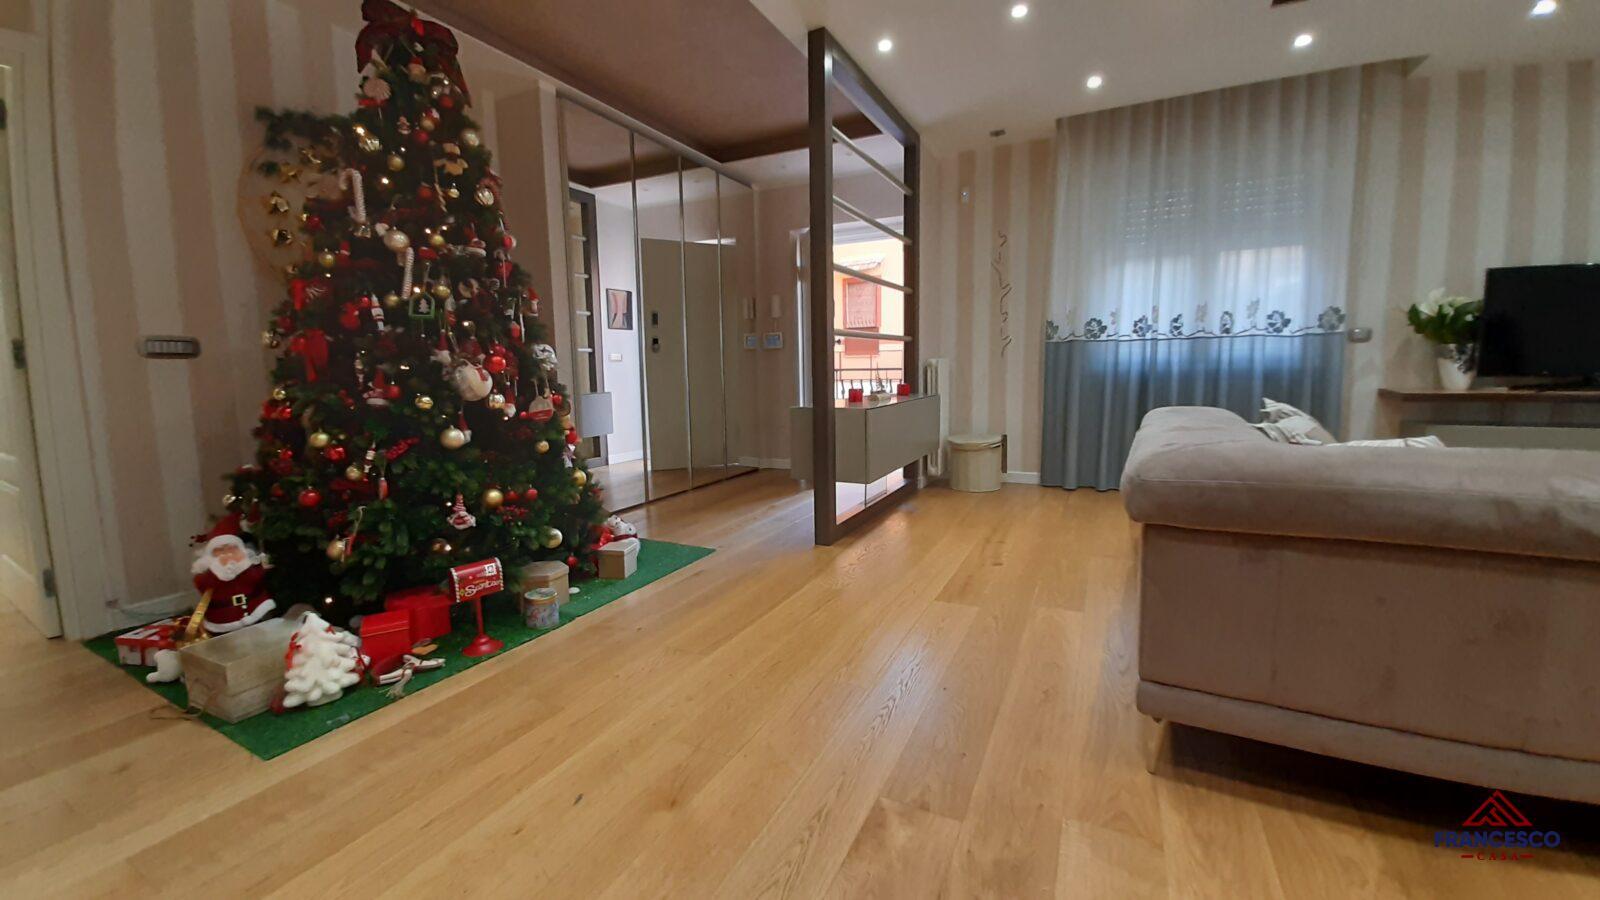 Appartamento in vendita ad Angri via Del Monte